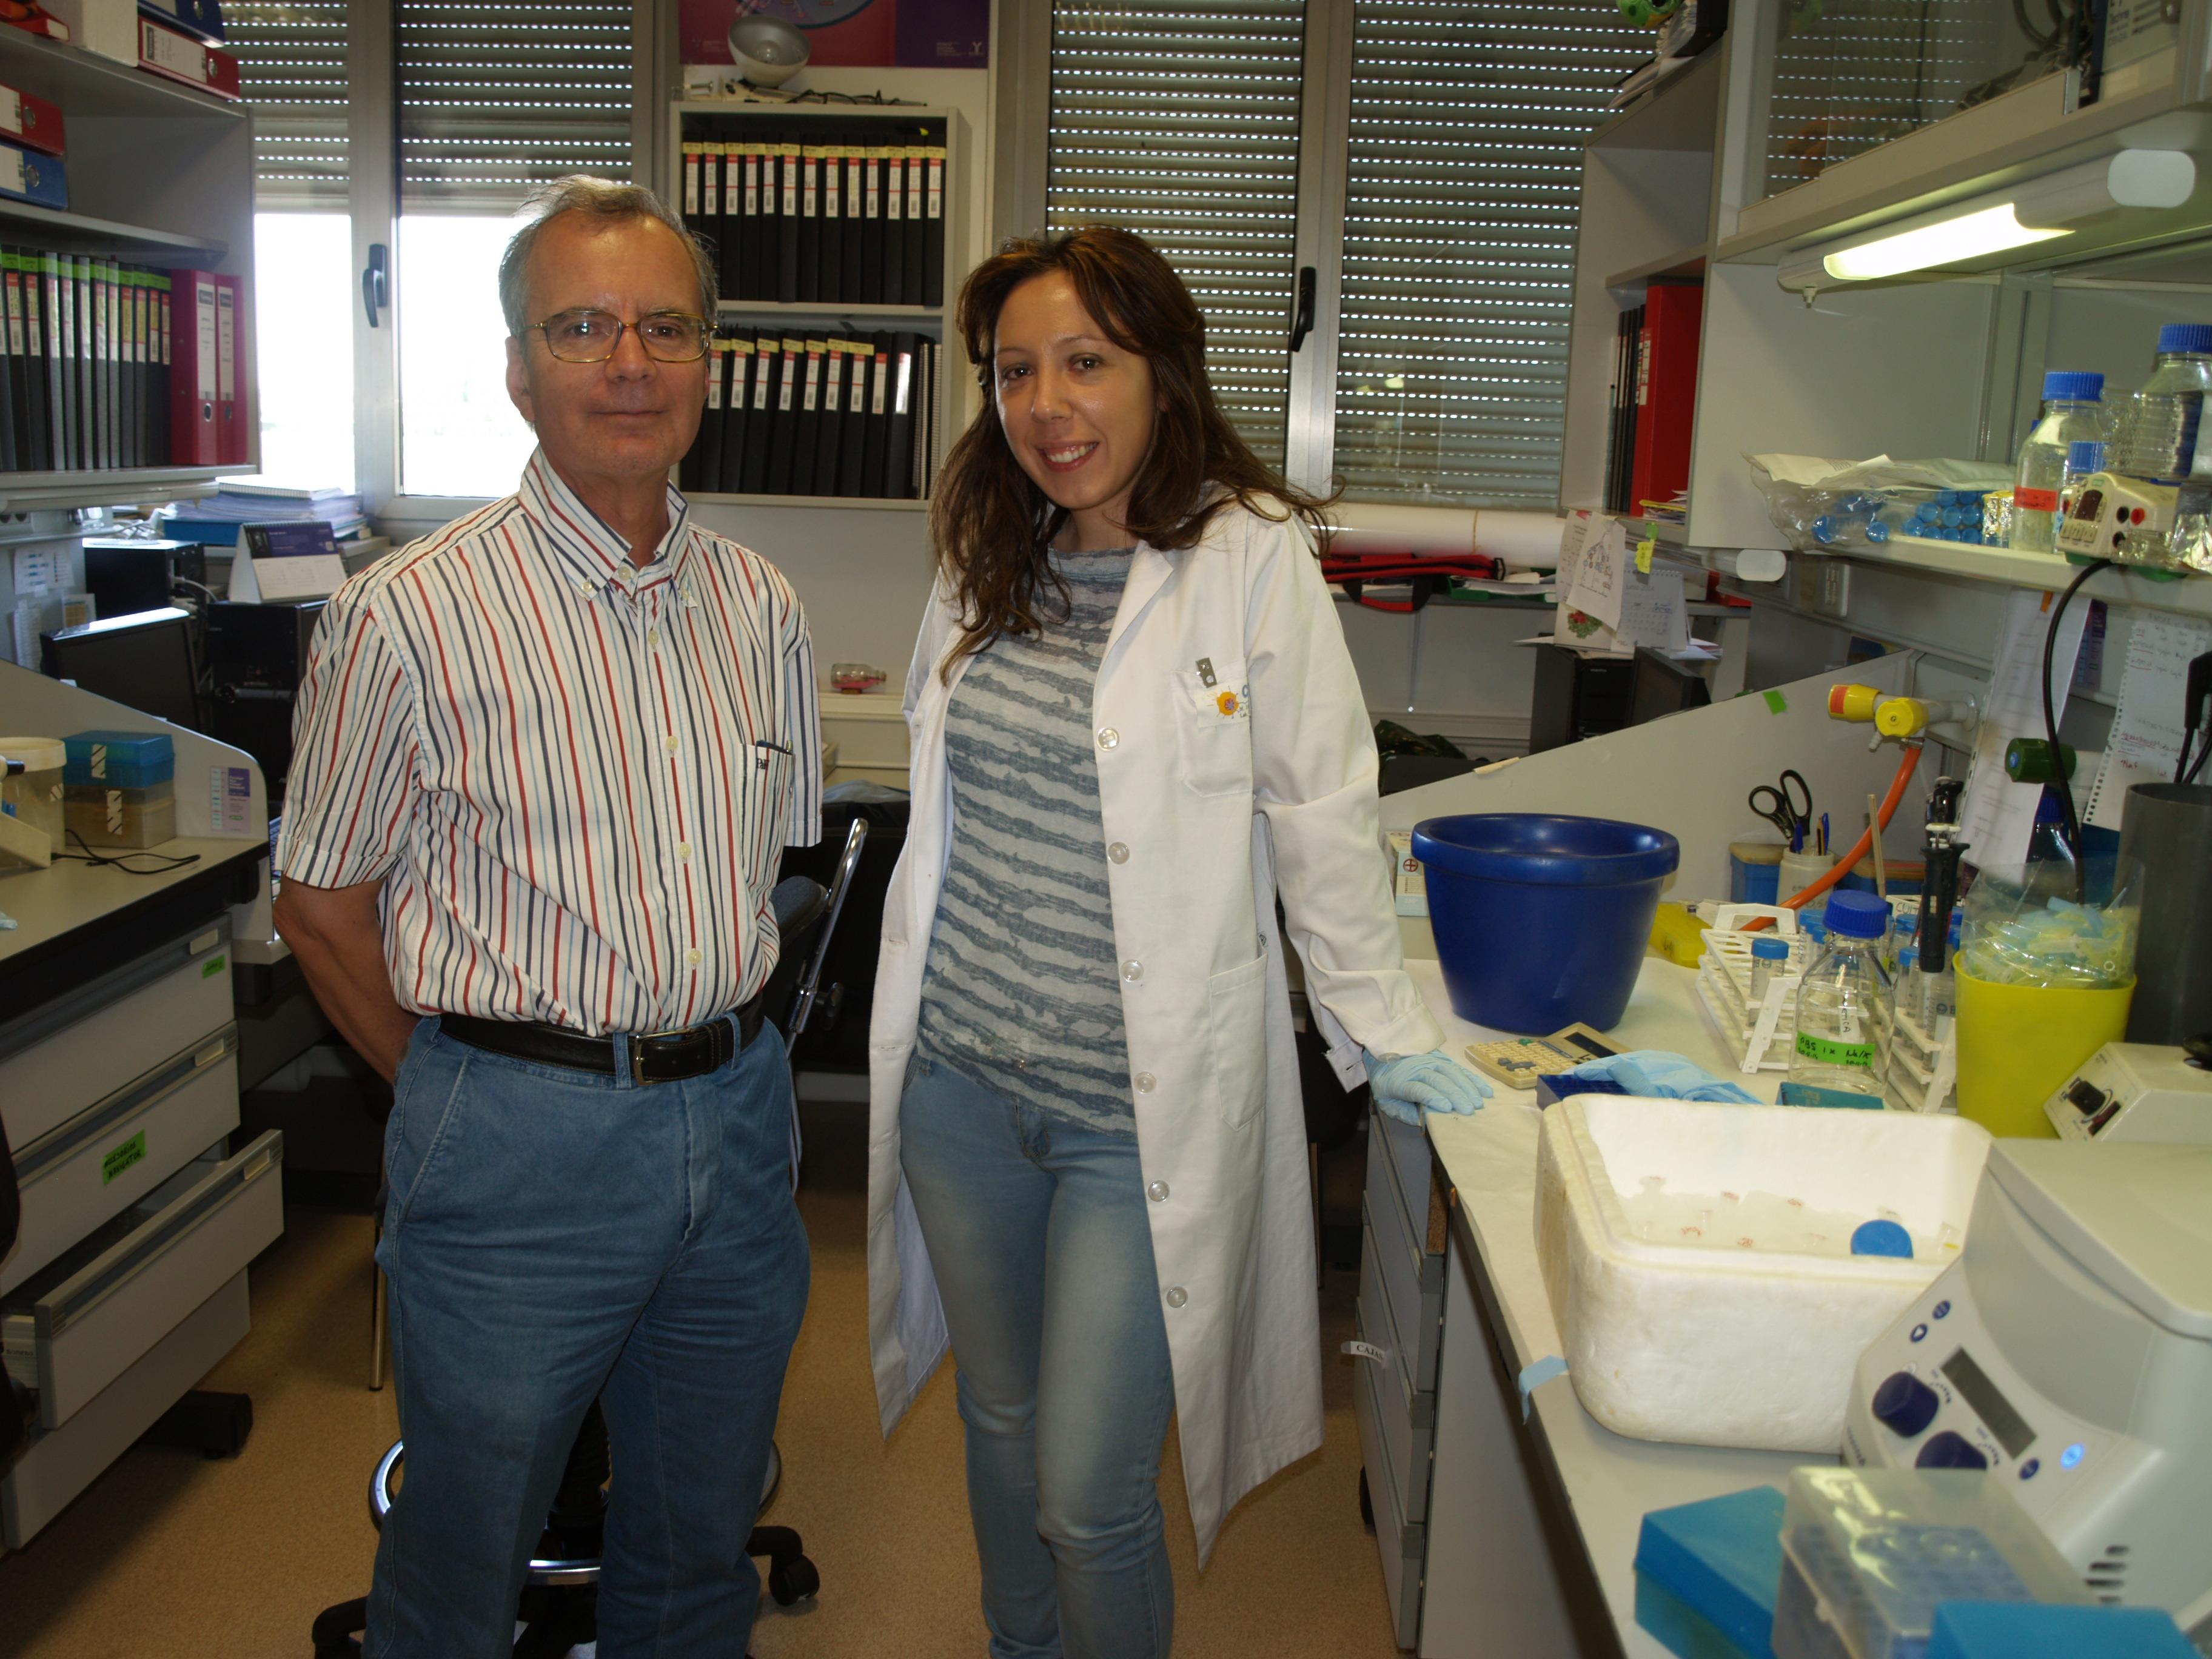 Hallan una proteína clave para mejorar los tratamientos contra el cáncer de mama